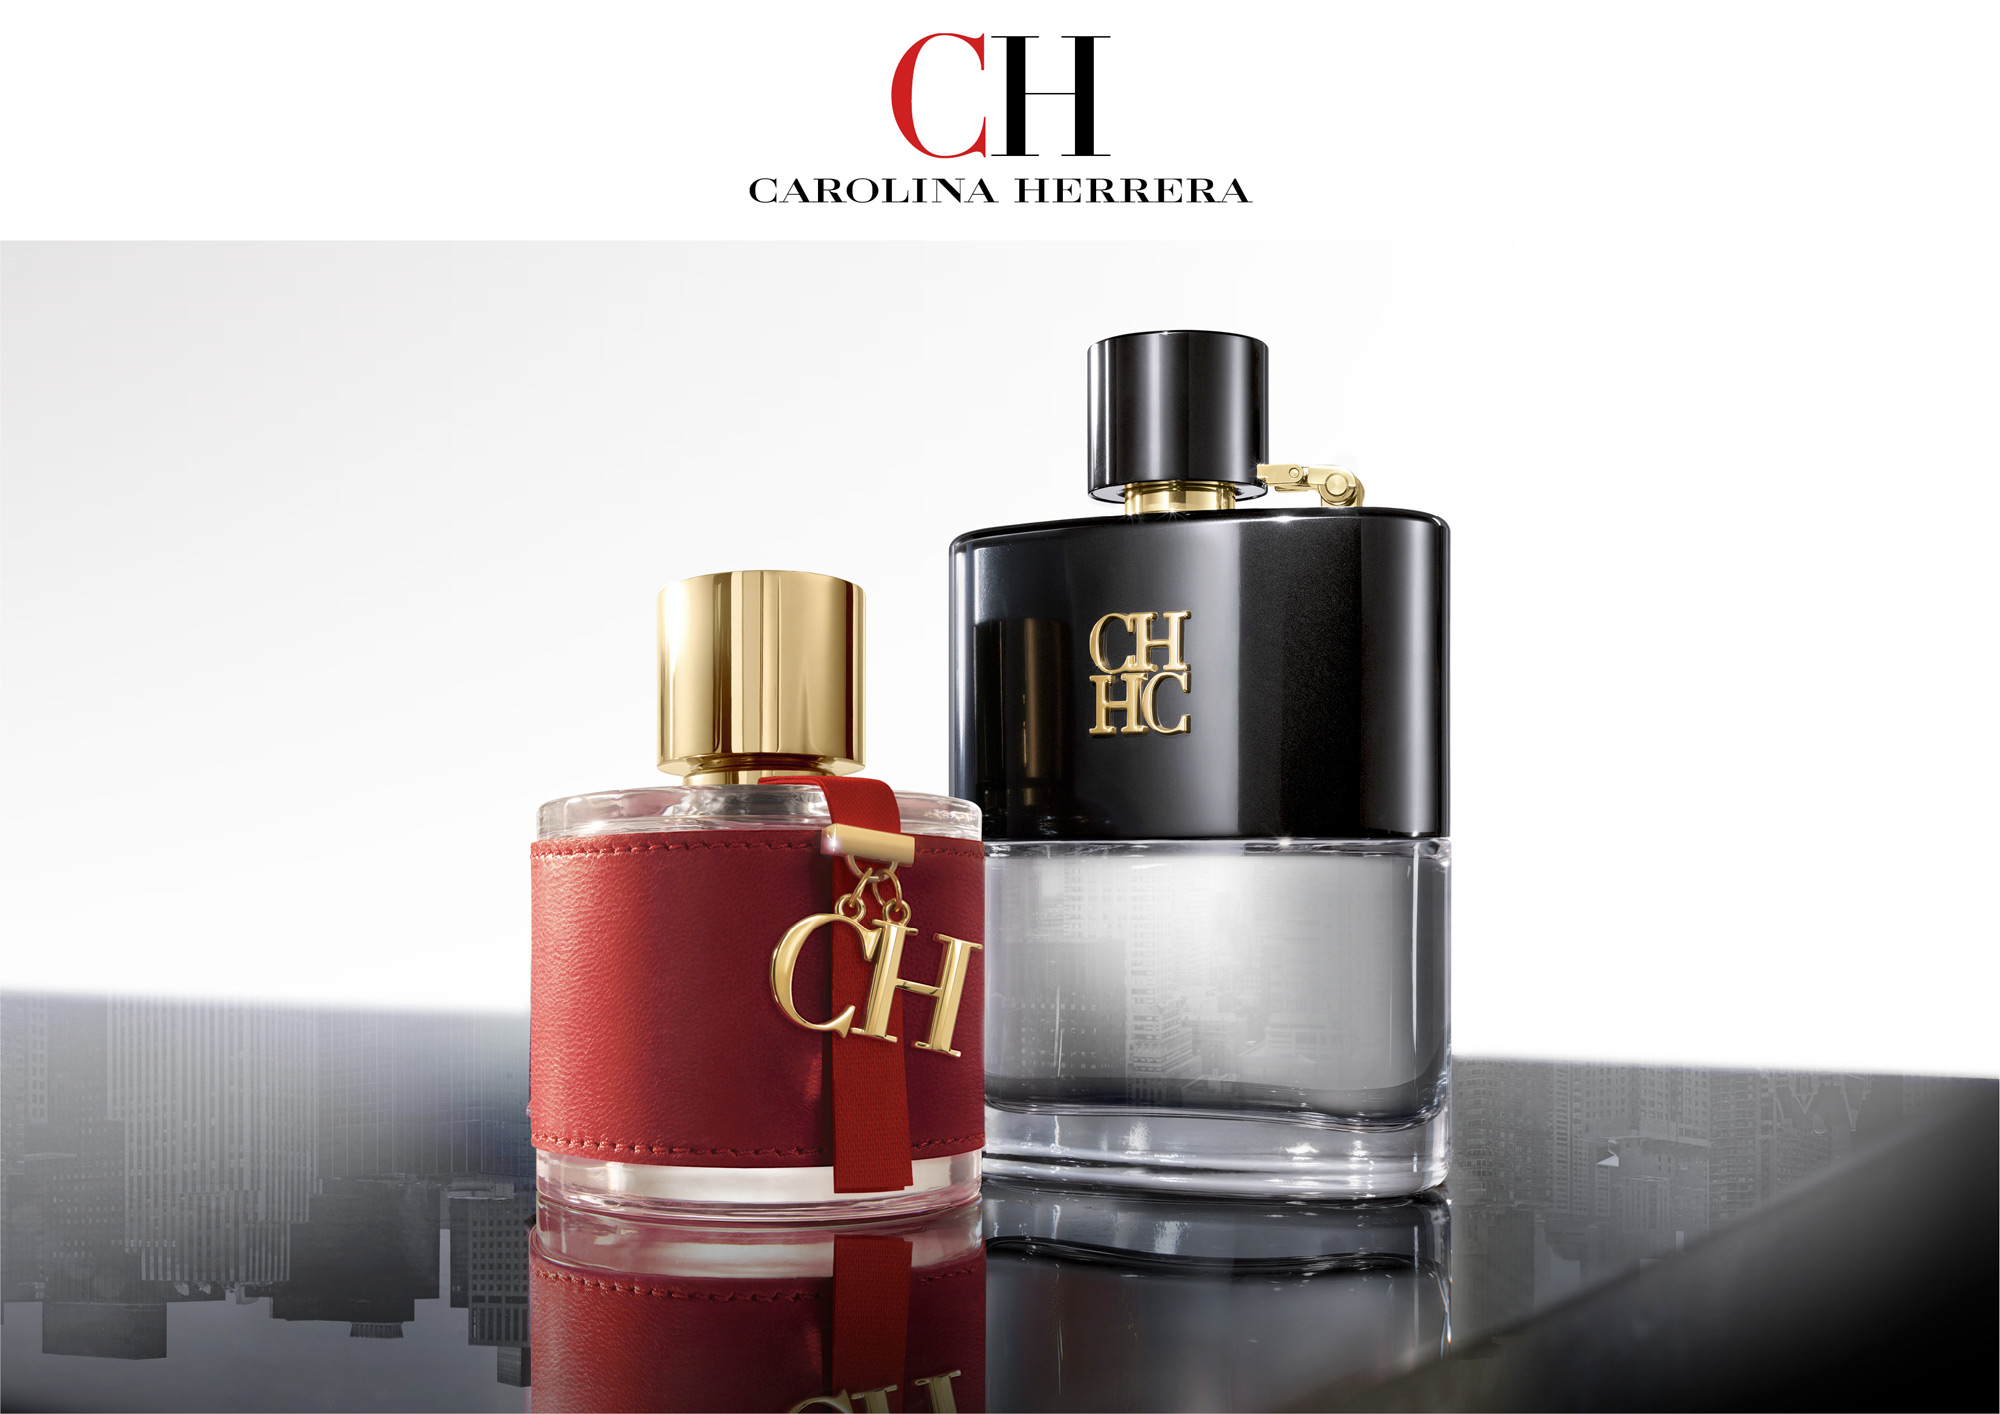 Perfume level 3